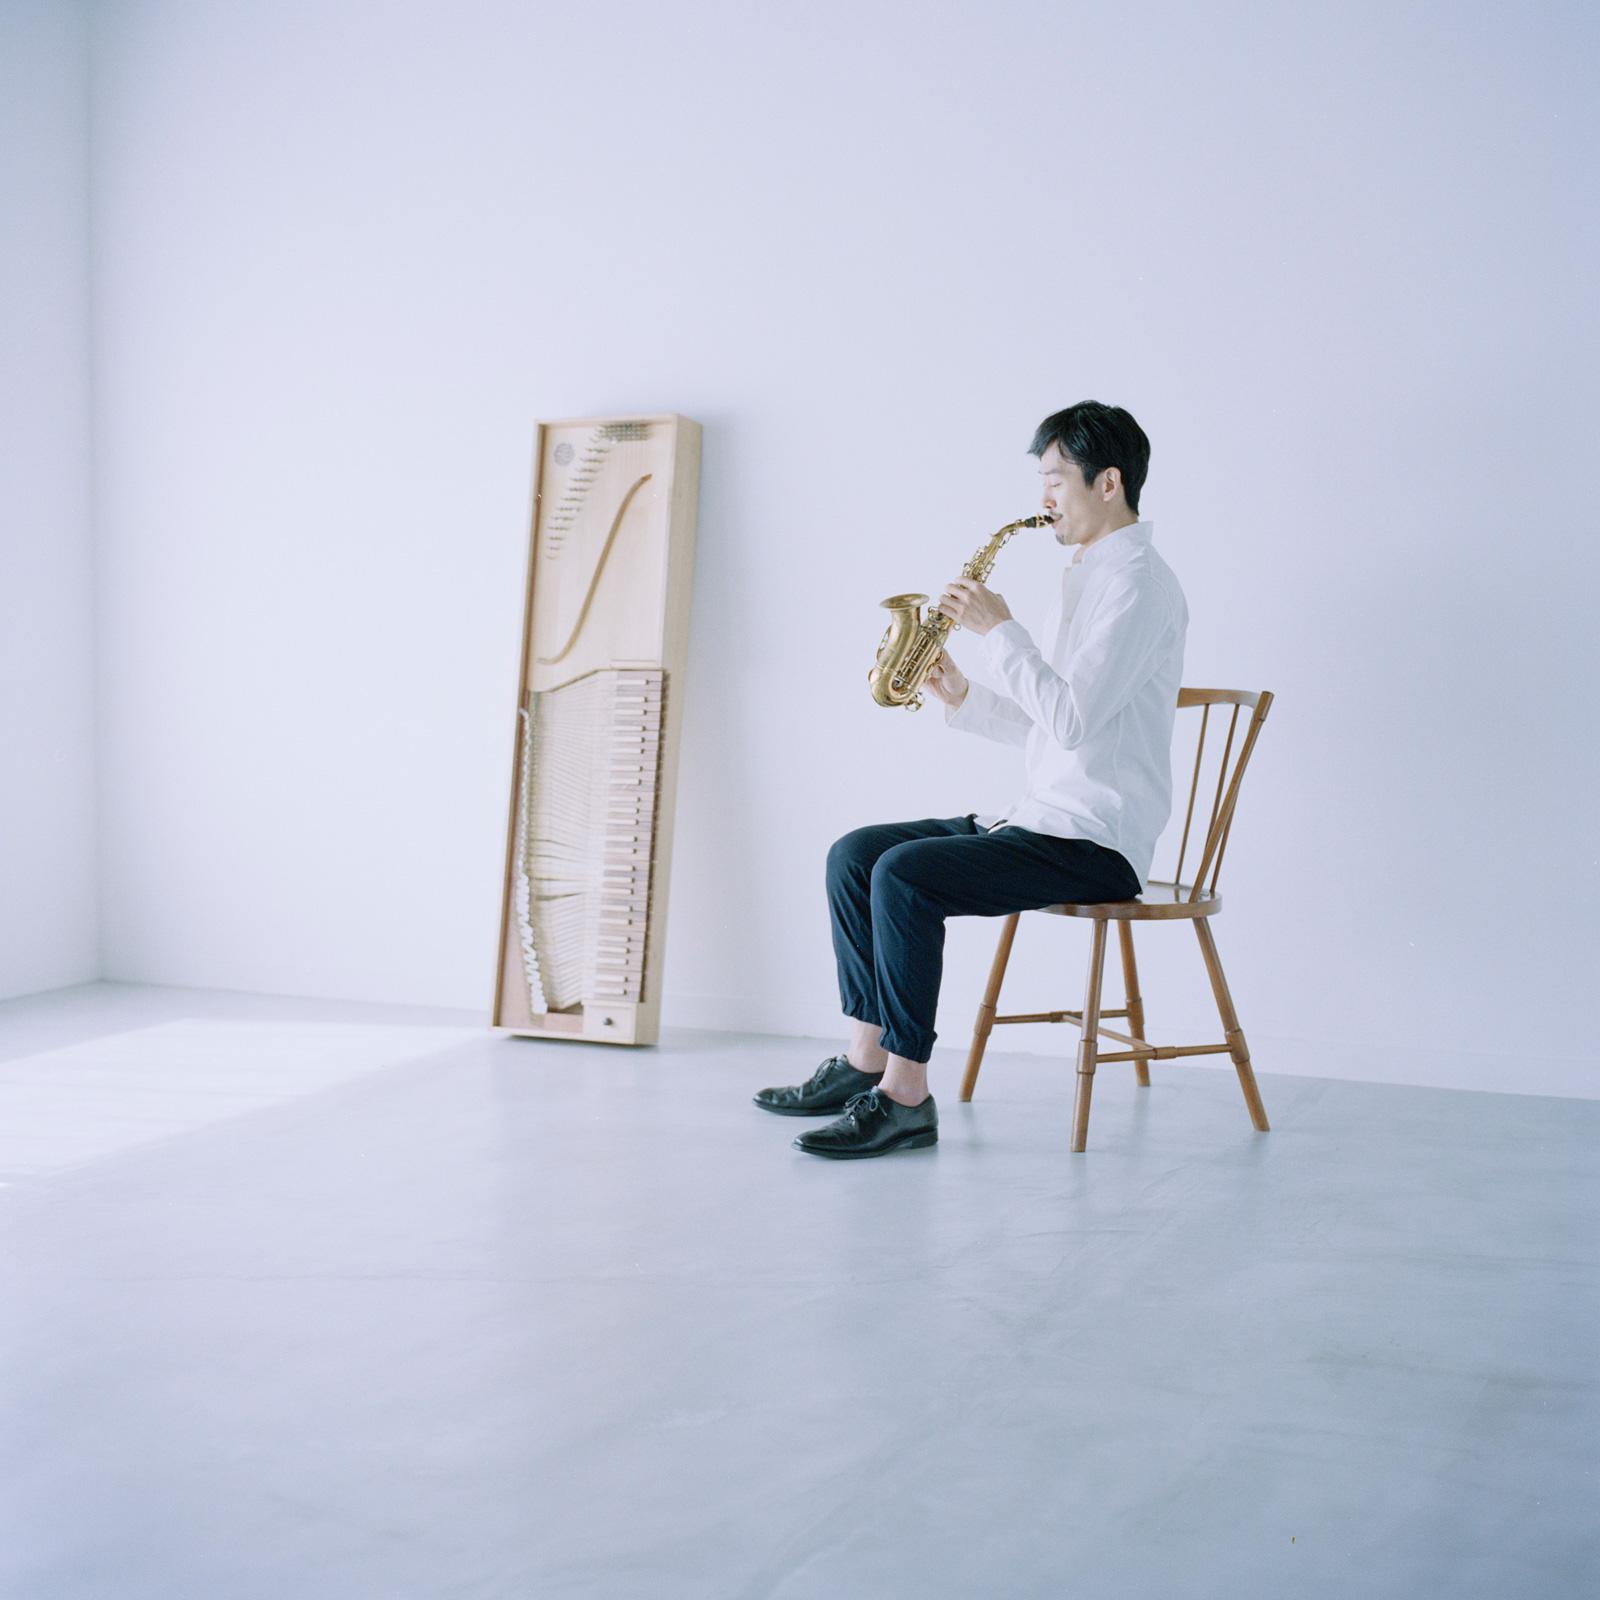 内田輝 / Akira Uchida:サックス・ピアノ・クラヴィーコード奏者、調律師  サックス奏者として活動後、ピアノ調律を吉田哲氏に師事。音の調律から観る様々な音との対話方法を伝える『音のワークショップ』を開催。楽器製作家、安達正浩氏の教えのもと、14世紀に考案されたクラヴィーコード (鍵盤楽器) を製作。自ら楽器を作り、音を調律し、音楽家であること。この流れを大事にして世界を観たいと思っている。   akira-uchida.jp